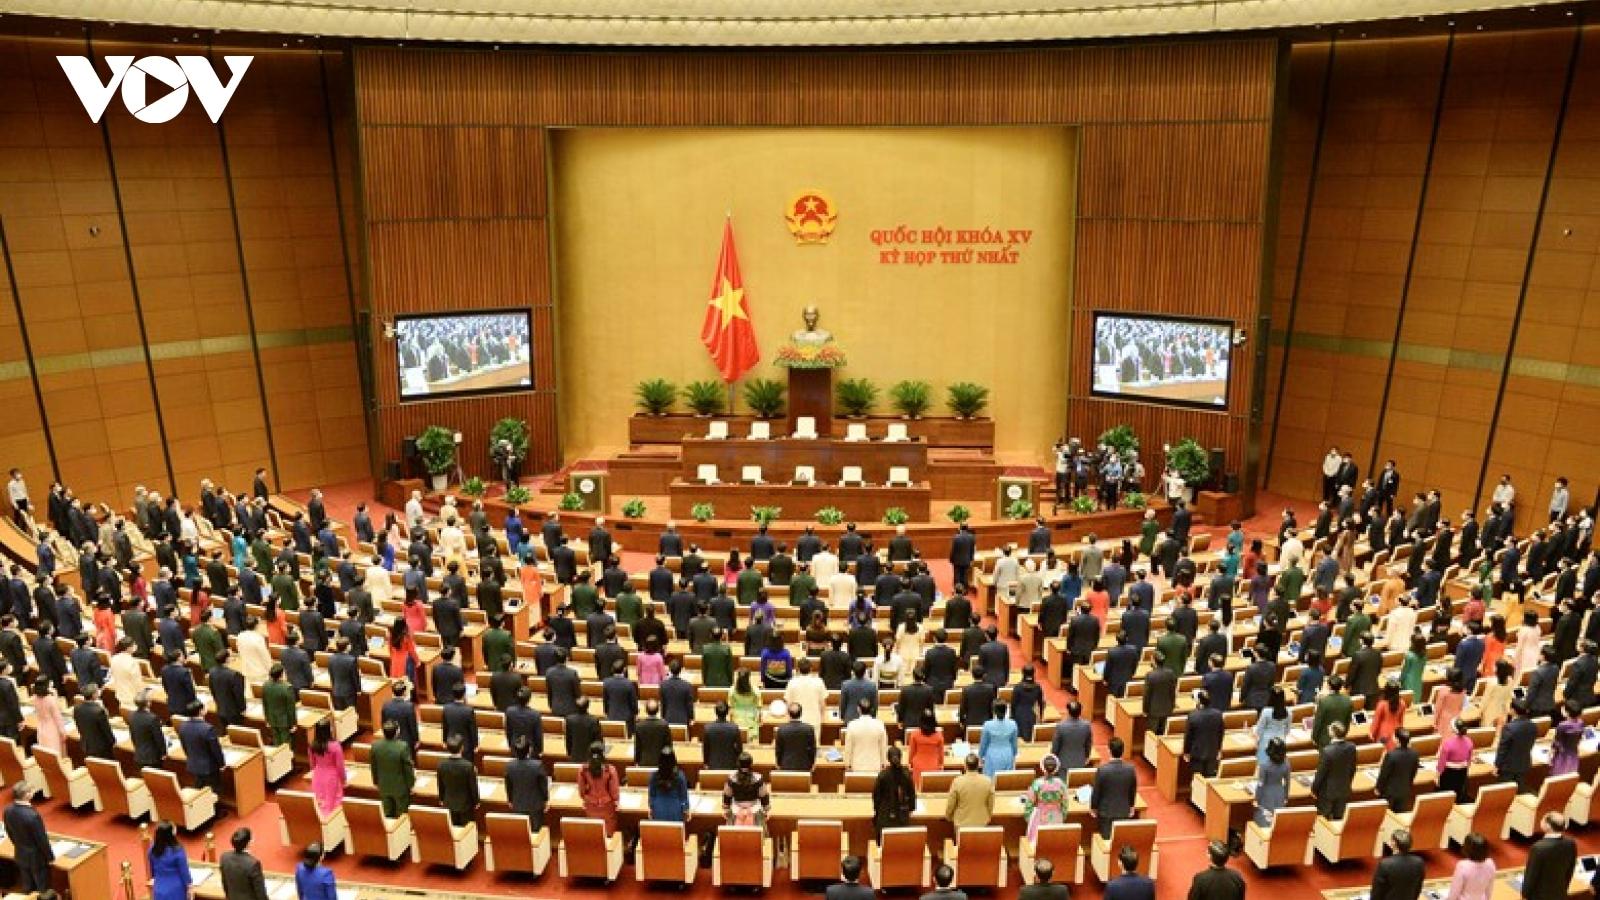 Bổ sung nội dung phòng, chống covid-19 vàoKỳ họp thứ nhất, Quốc hội khóa XV